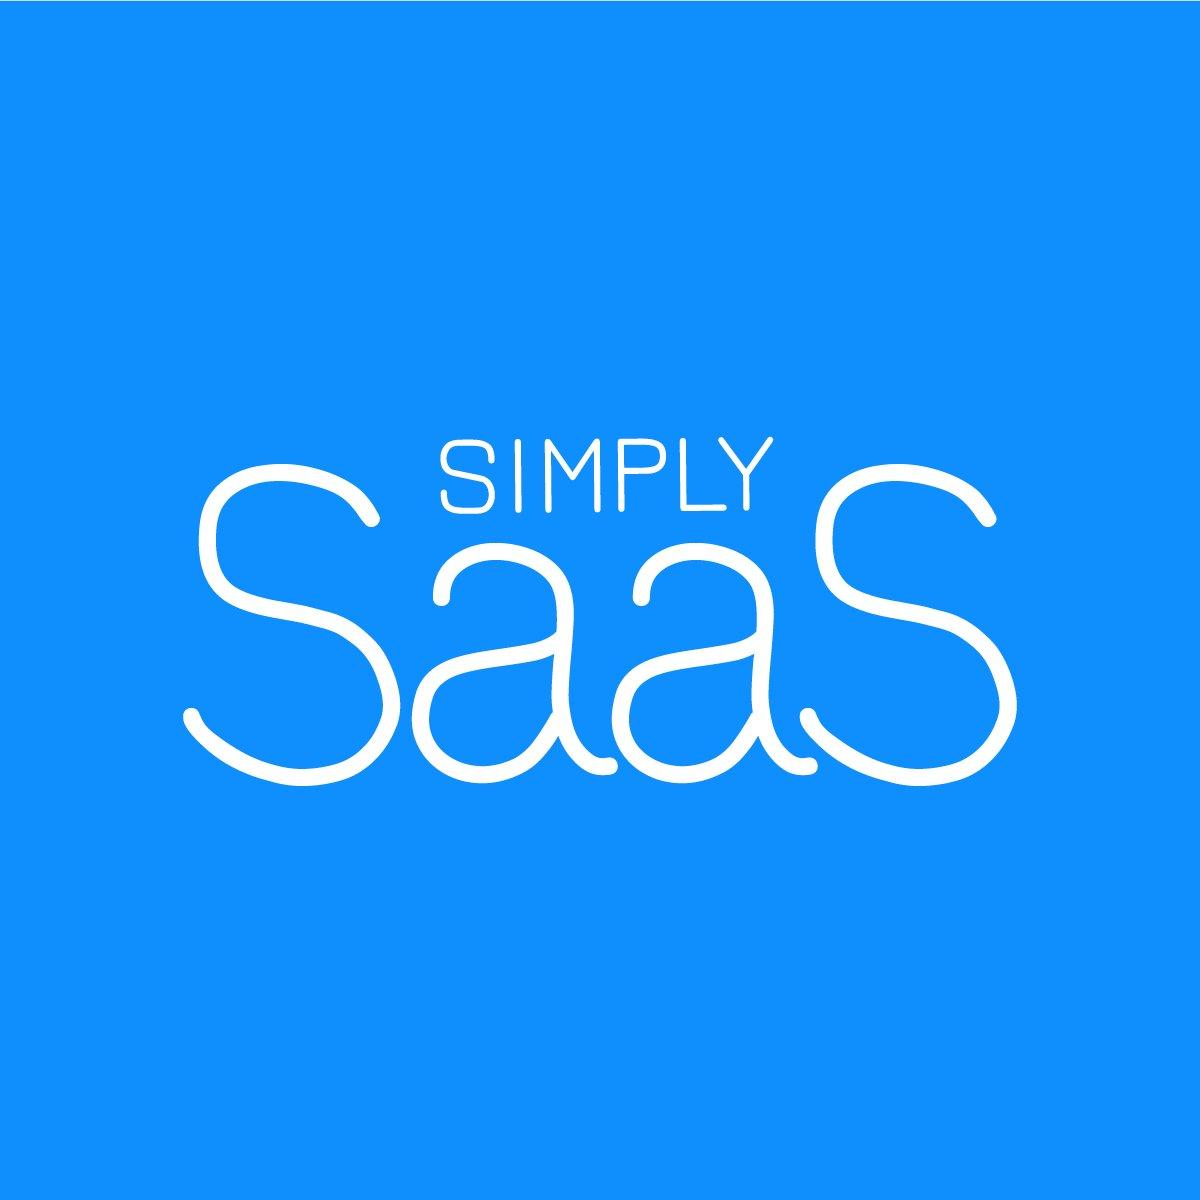 Simply SaaS